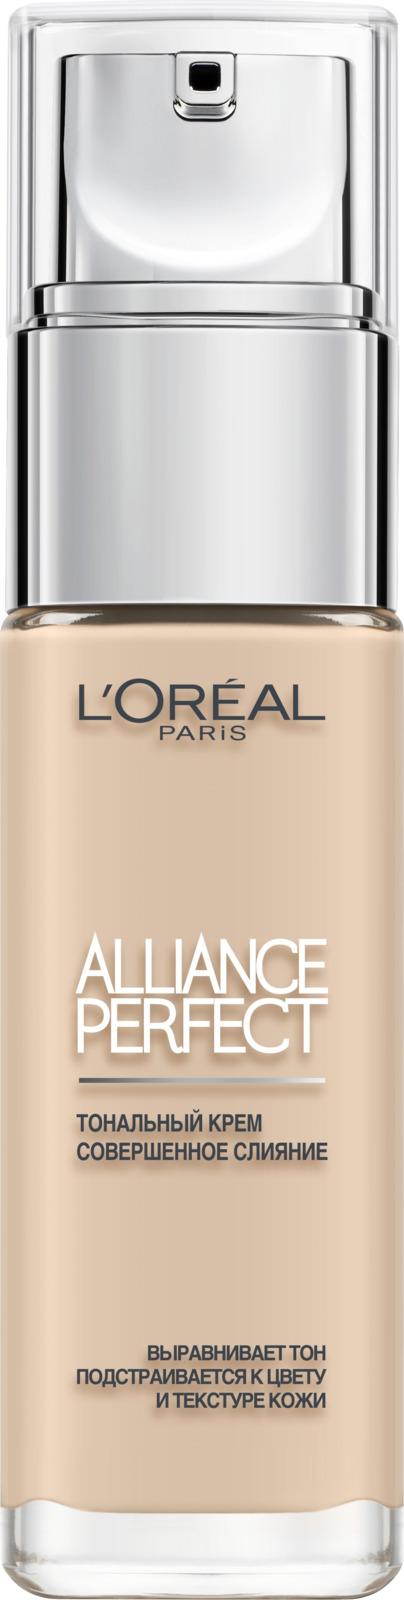 """Тональный крем L'Oreal Paris """"Alliance Perfect. Совершенное слияние"""", выравнивающий, увлажняющий, оттенок № 0,5, 30 мл"""